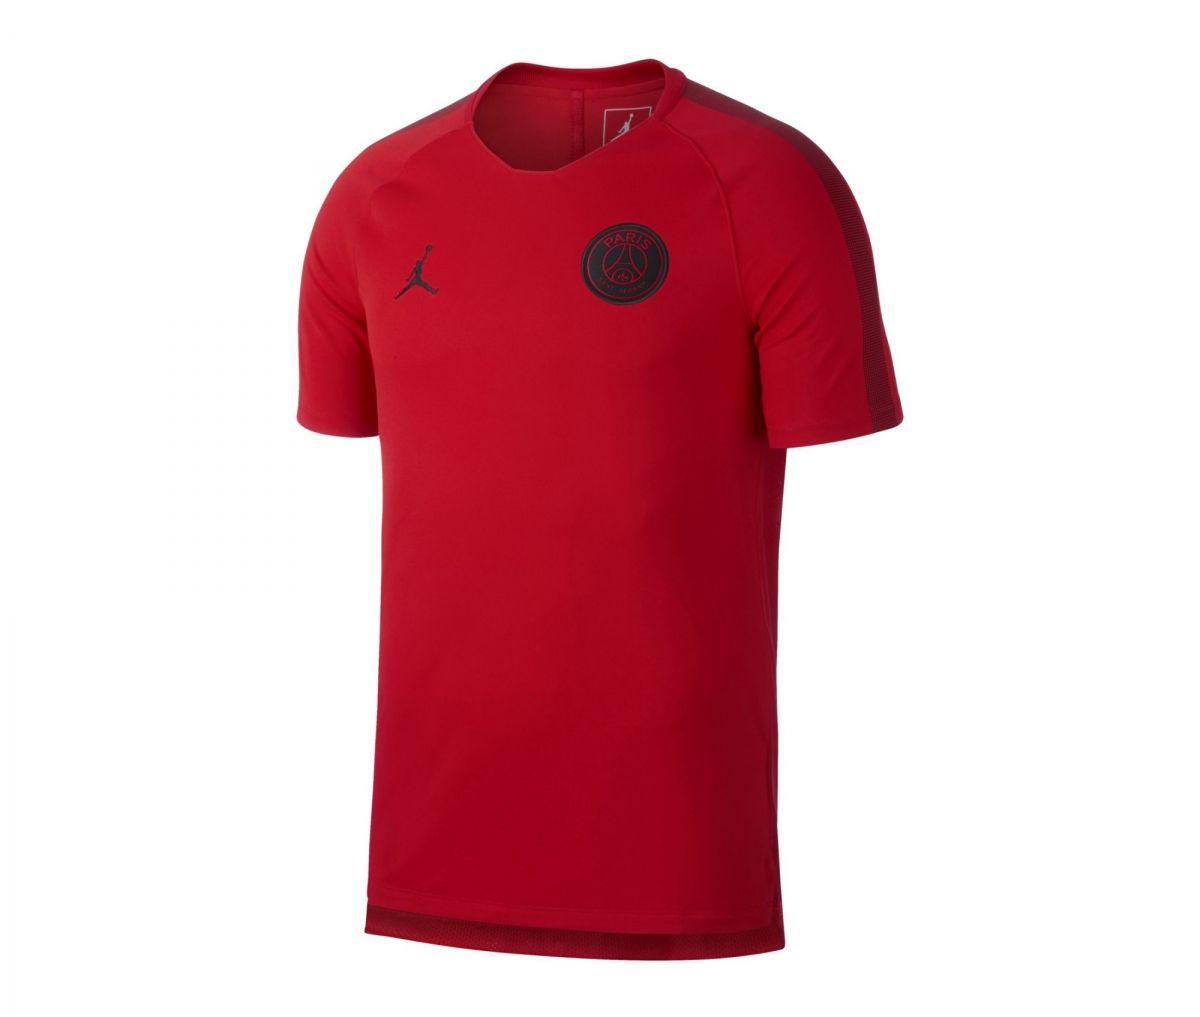 brand new 8a0a9 0fd24 Type Shirts Jordan Paris Saint-Germain 2018/19 Pre-Match Shirt